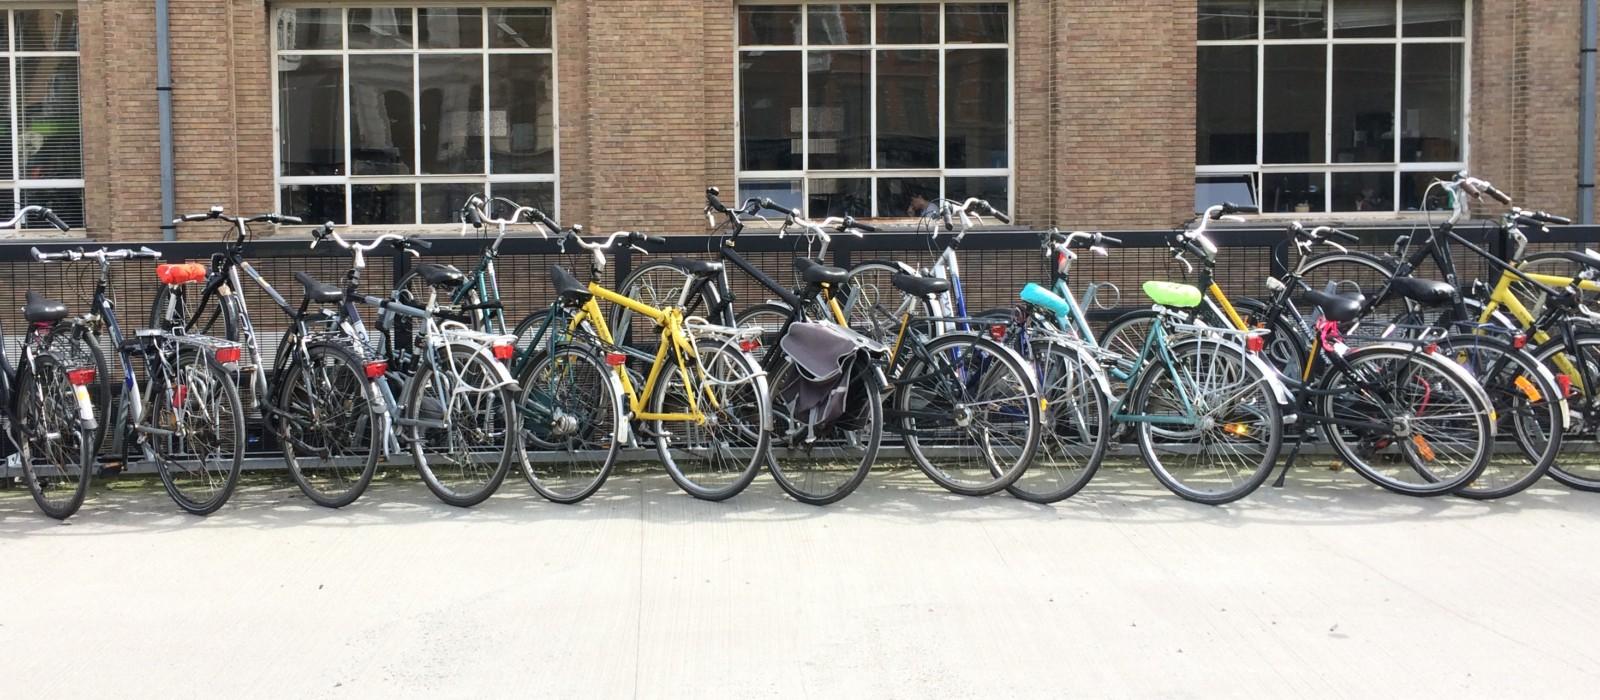 Vor einem Gebäude abgestellte Fahrräder